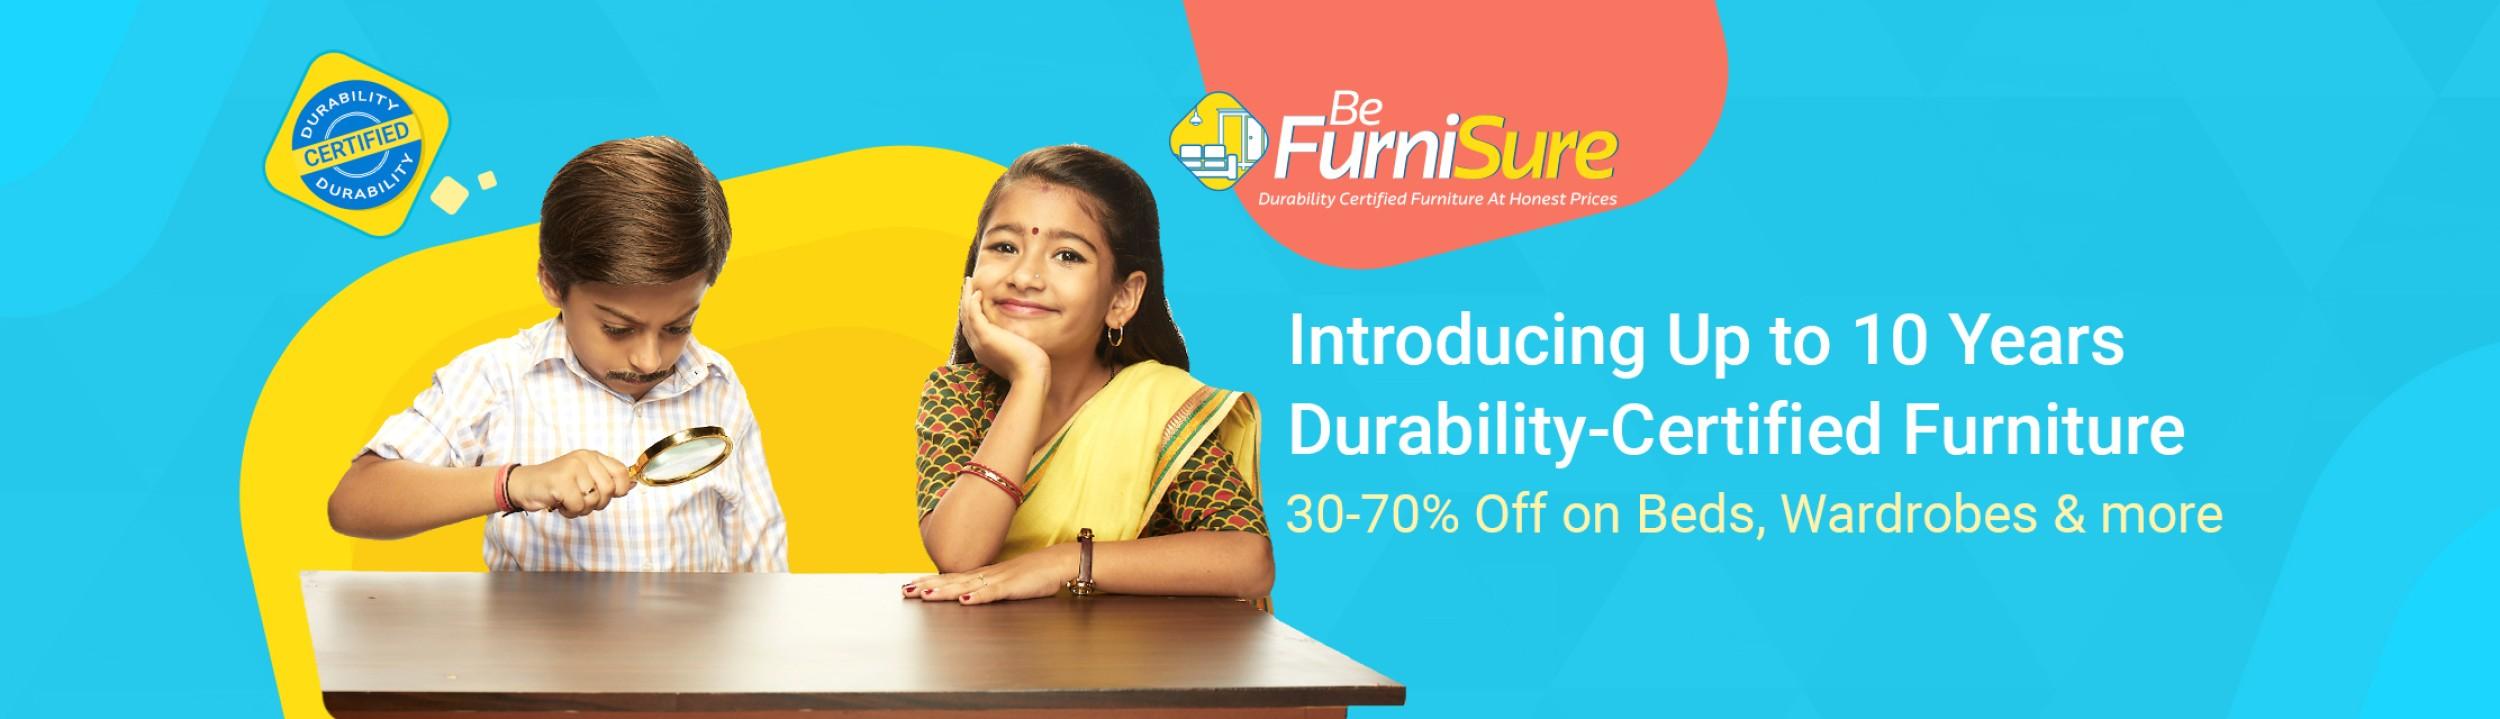 Furniture Top Brands